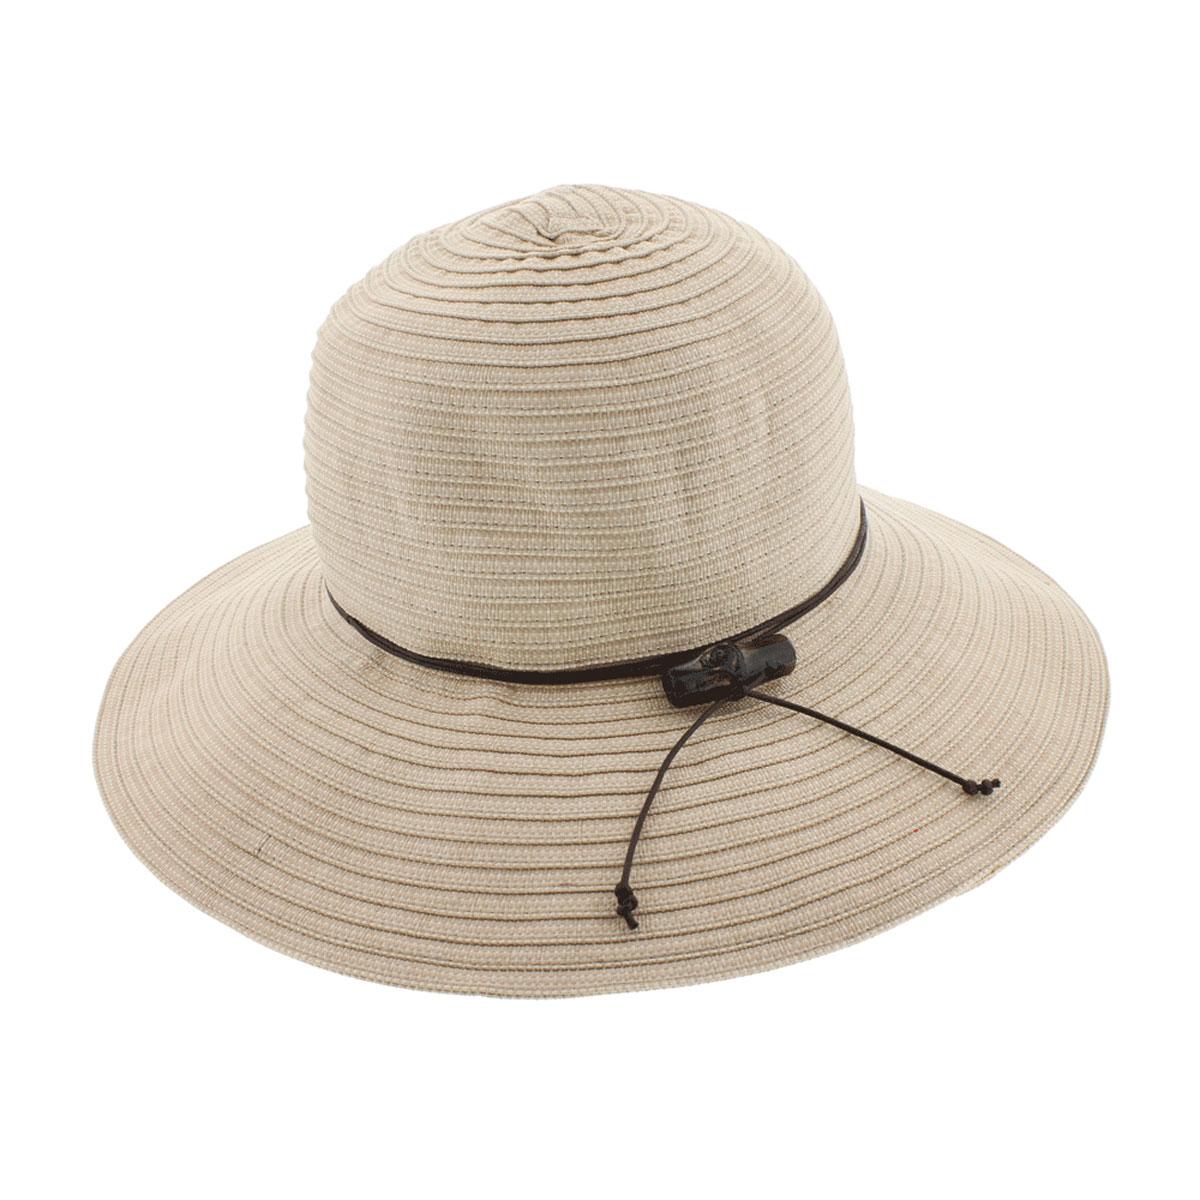 Шляпа женская. 77-101-0277-101-02-00Отличная шляпа R.Mountain Clara, выполненная из полиэстера с добавлением хлопка, украсит любой наряд. Модель вокруг тульи дополнена тонким шнурком с декоративной деревянной пуговицей и небольшой металлической нашивкой с логотипом бренда. Благодаря своей форме, шляпа удобно садится по голове и подойдет к любому стилю. Изделие легко восстанавливает свою форму после сжатия. Такая шляпка подчеркнет вашу неповторимость и дополнит ваш повседневный образ.